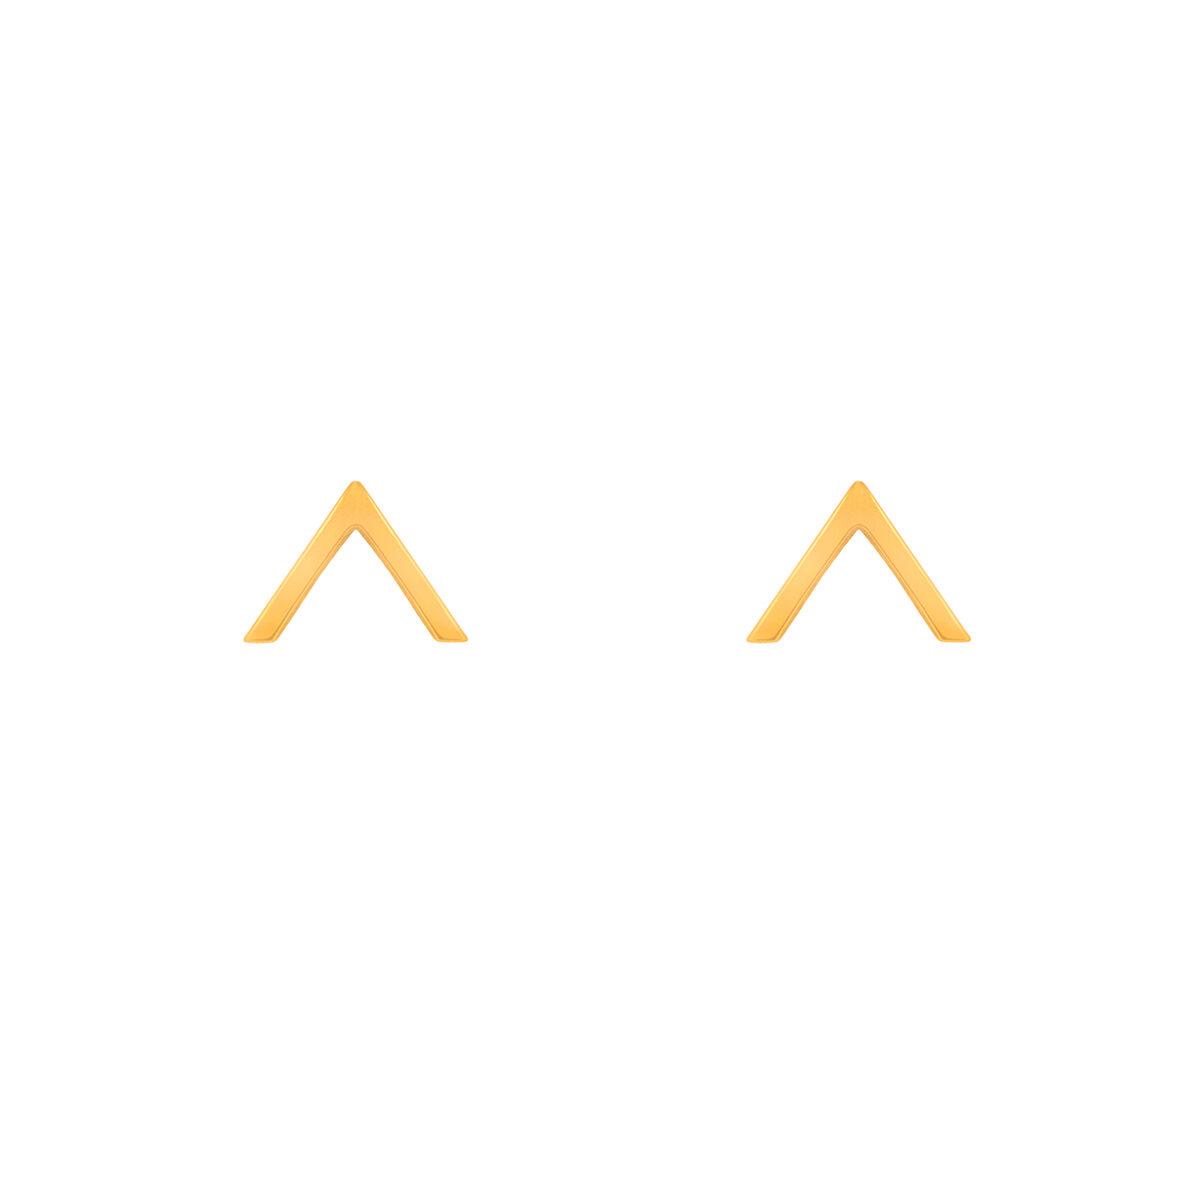 گوشواره طلا V ( وی )